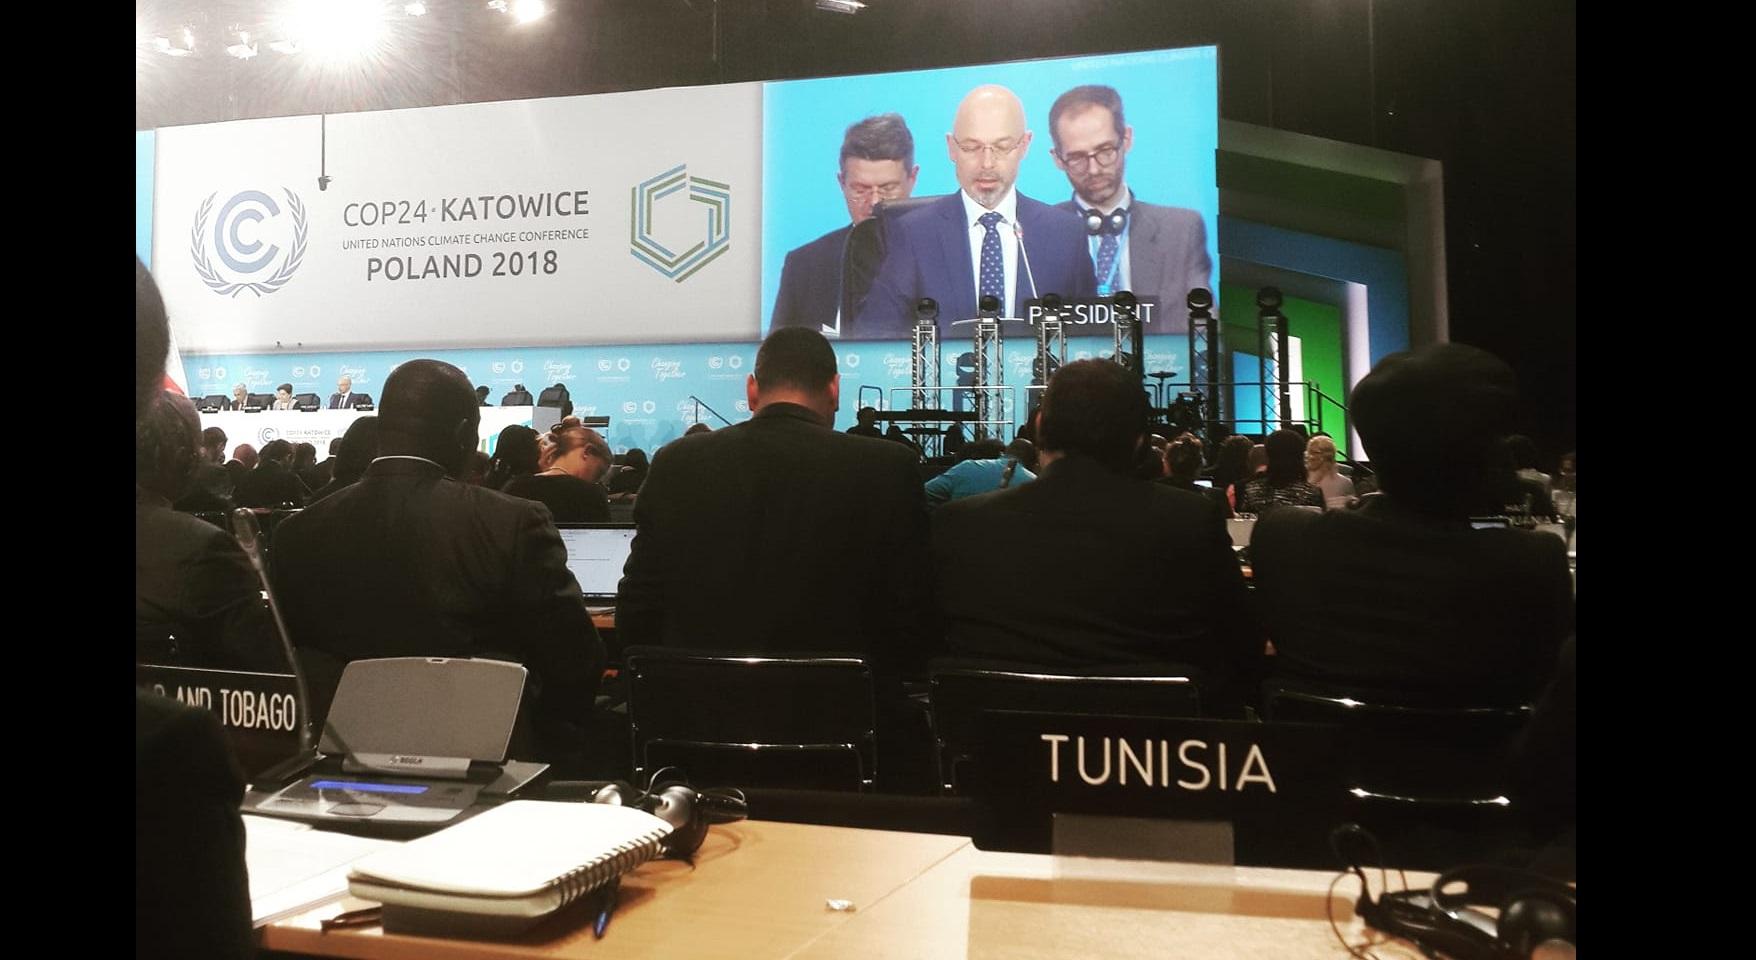 كوب 24 انطلاق المفاوضات حول أجندة المناخ في كاتوفيتسي بولونيا